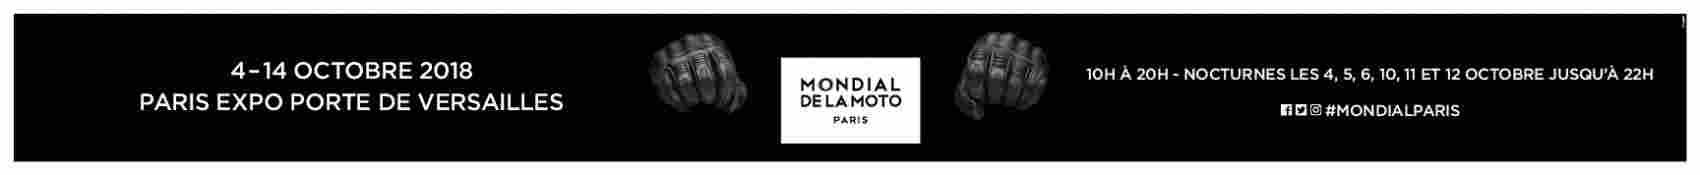 Mondial de la moto